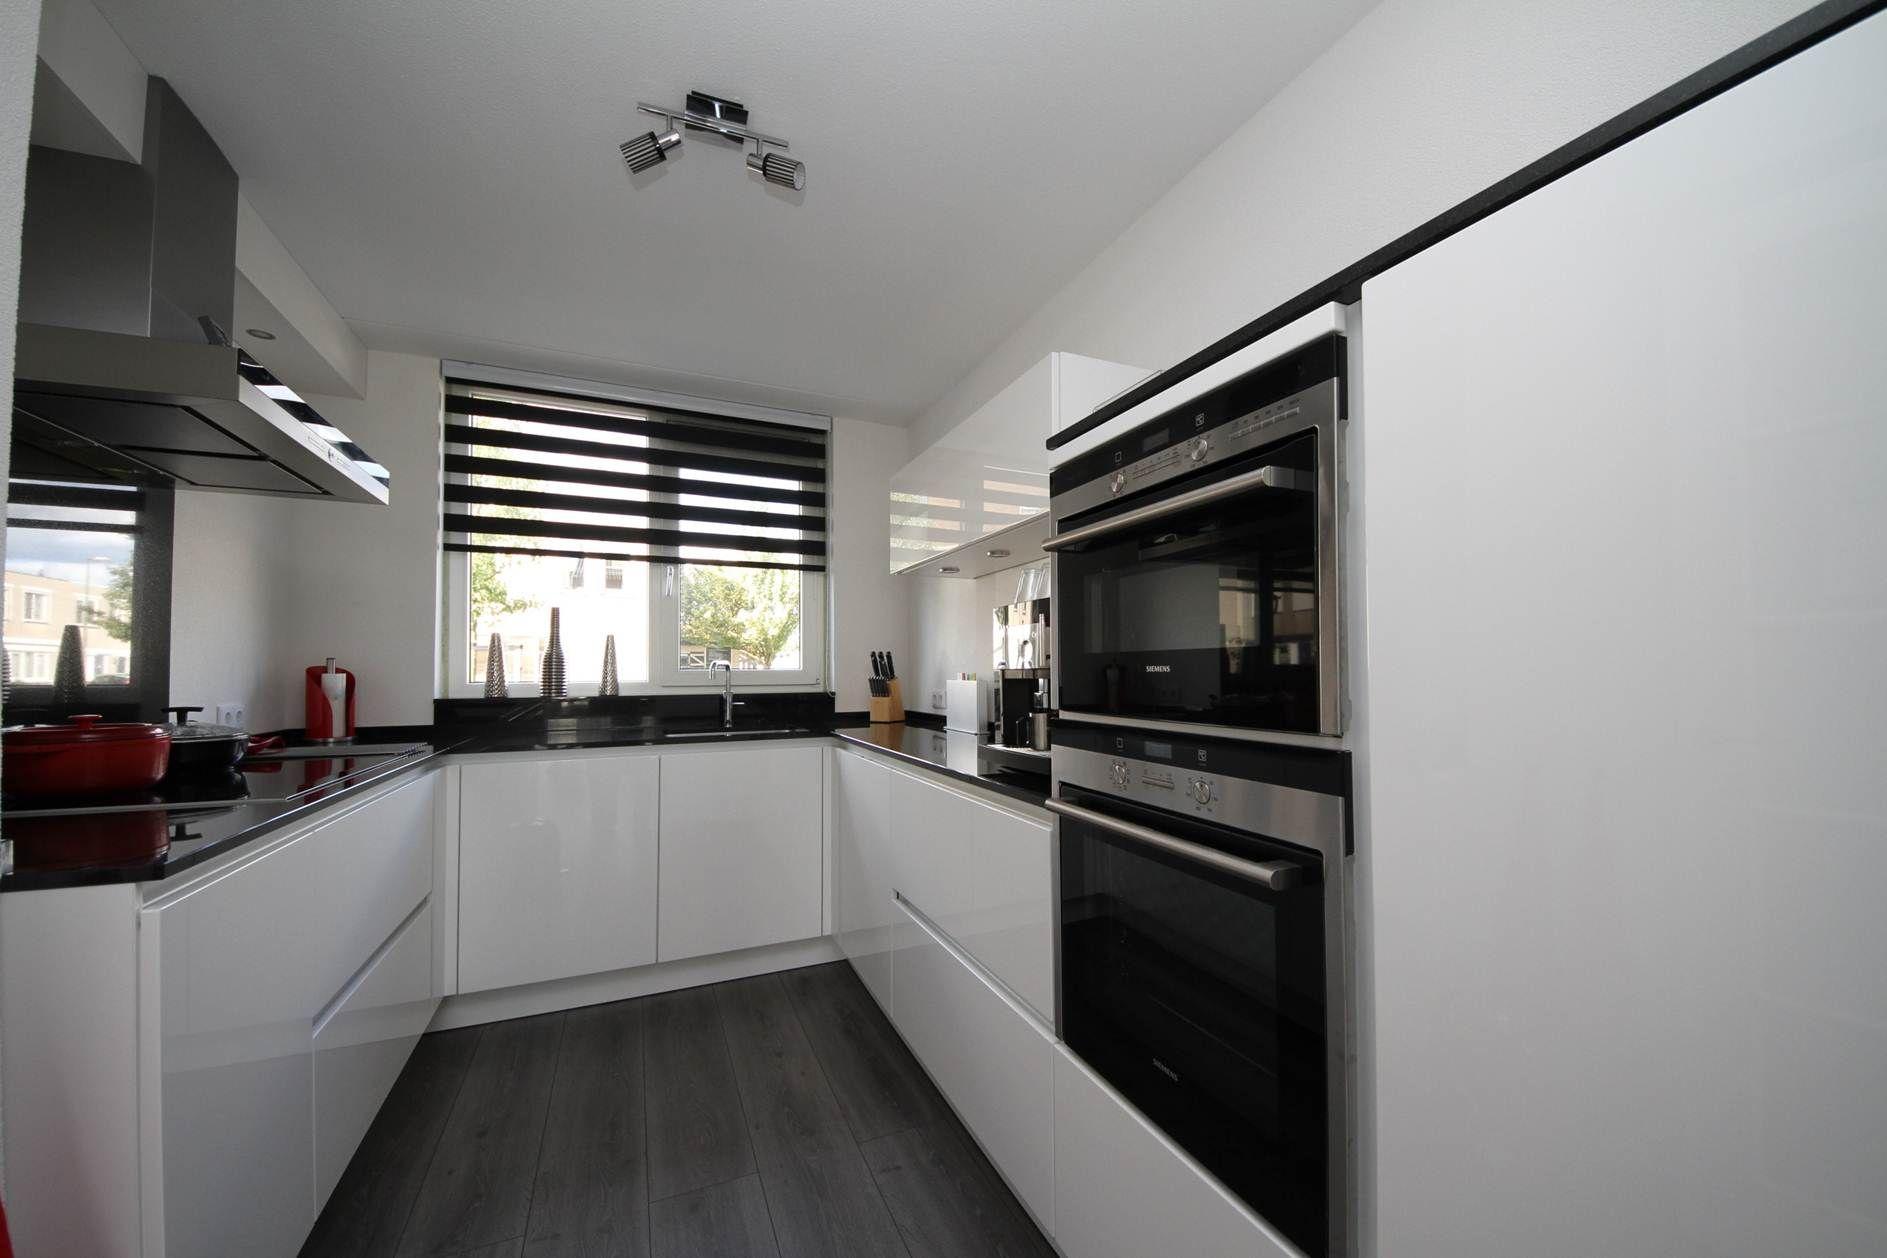 Witte hoogglans greeploze keuken met zwart gepolijst composieten